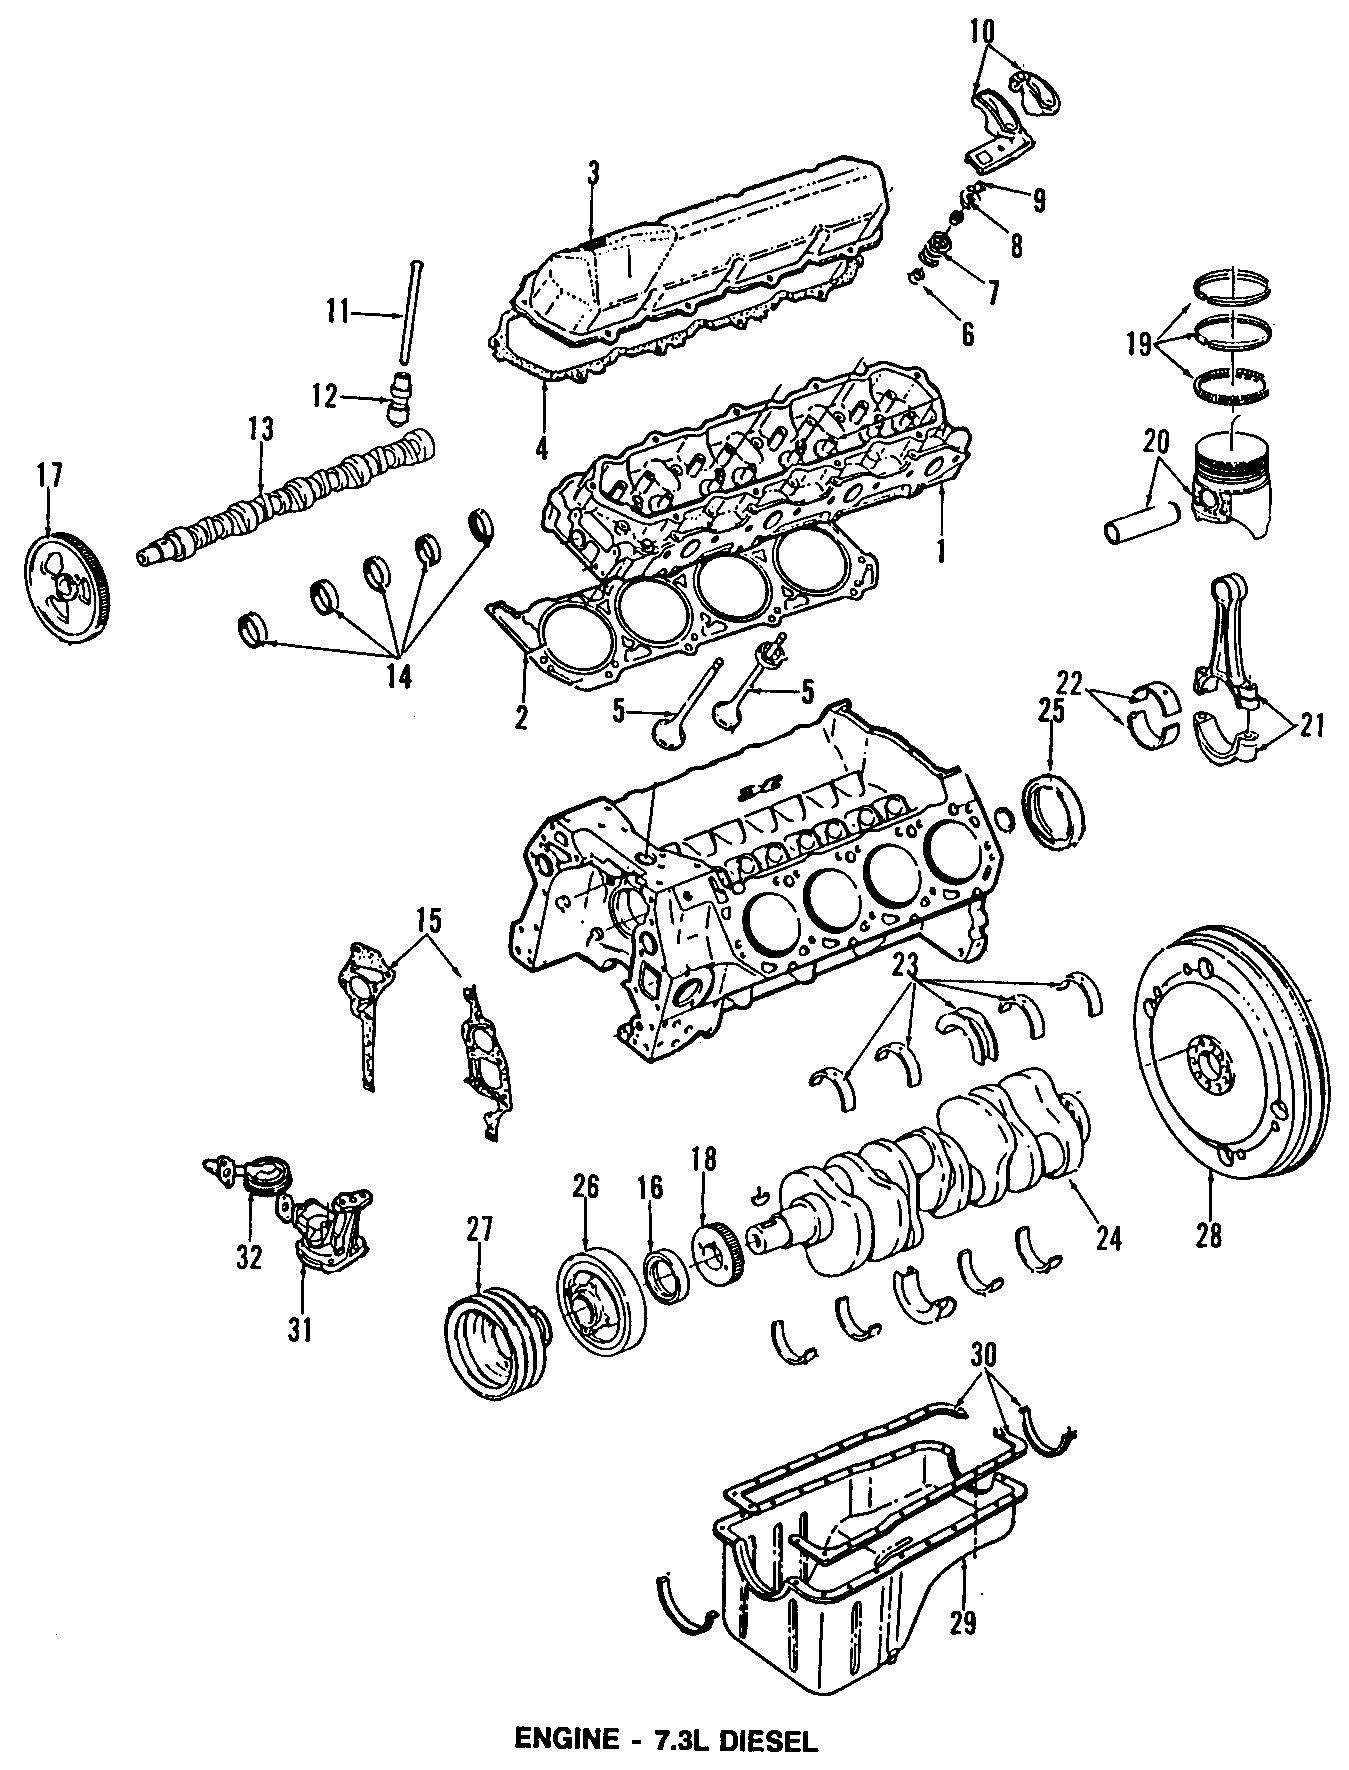 Ford E-350 Econoline Club Wagon Engine Valve Cover Gasket